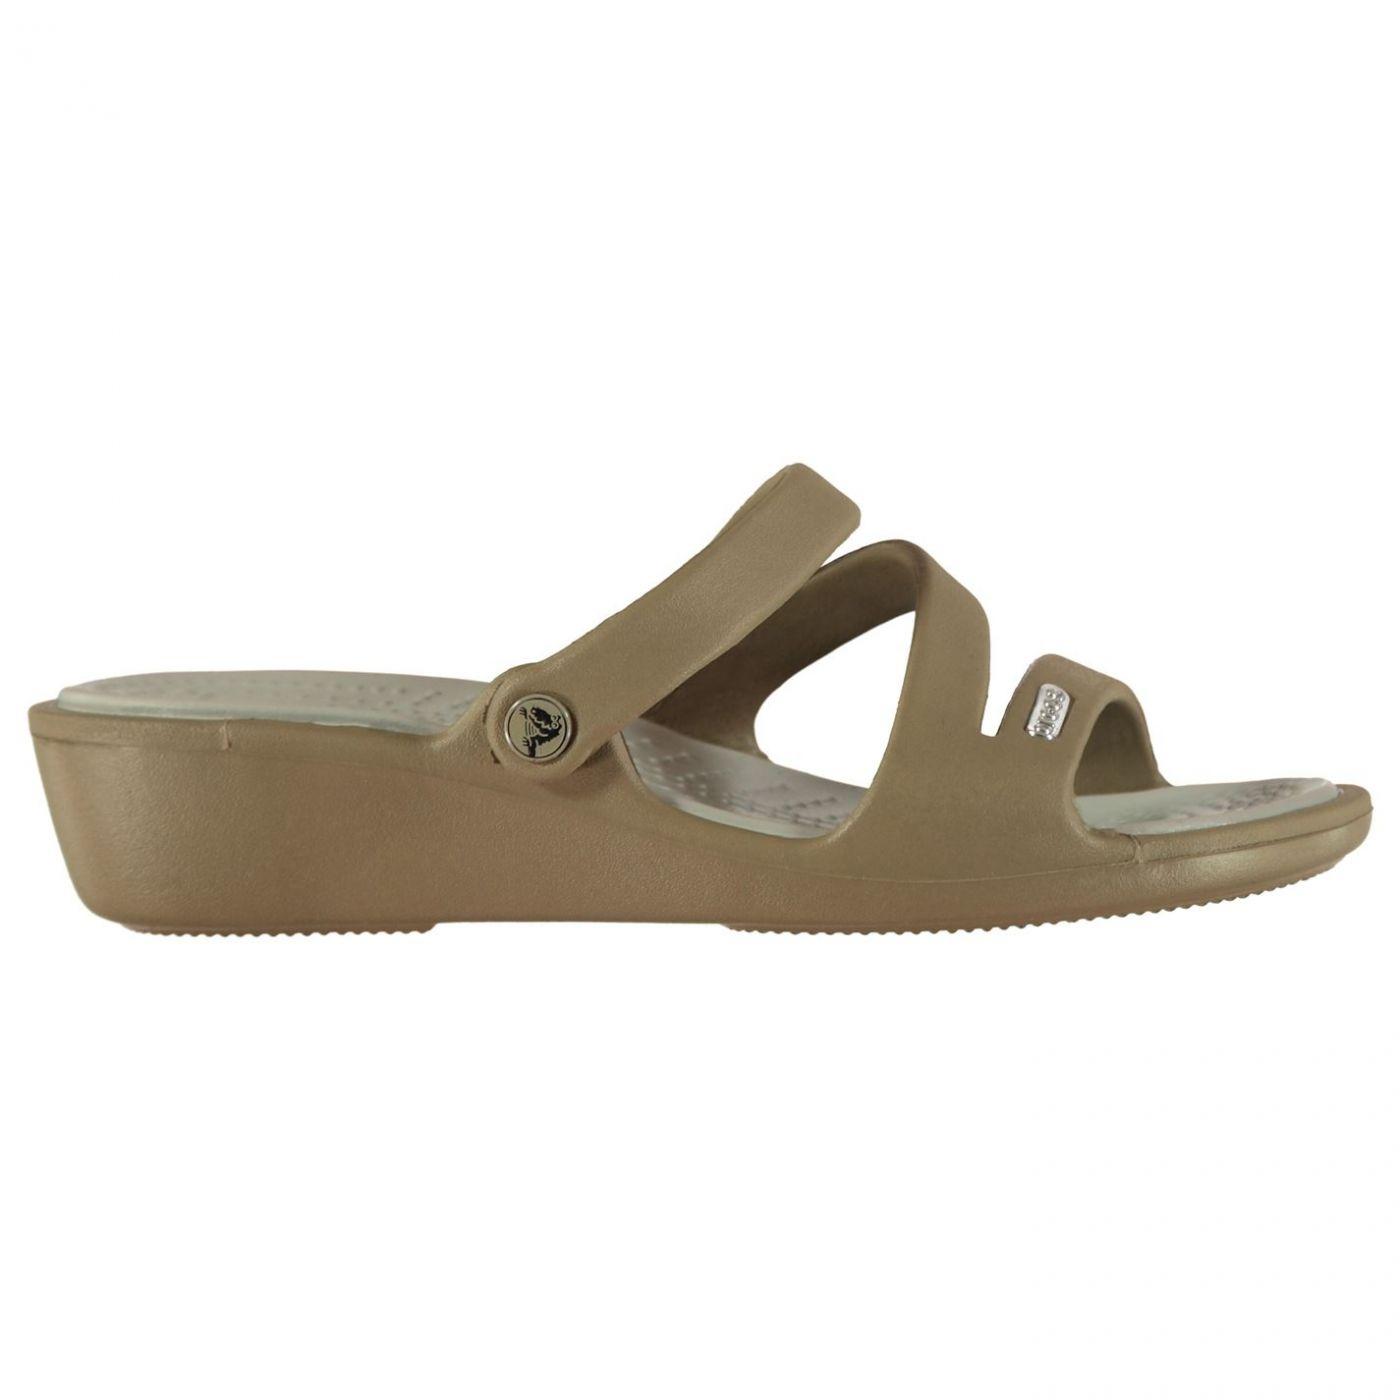 Crocs Patricia Ladies Sandals